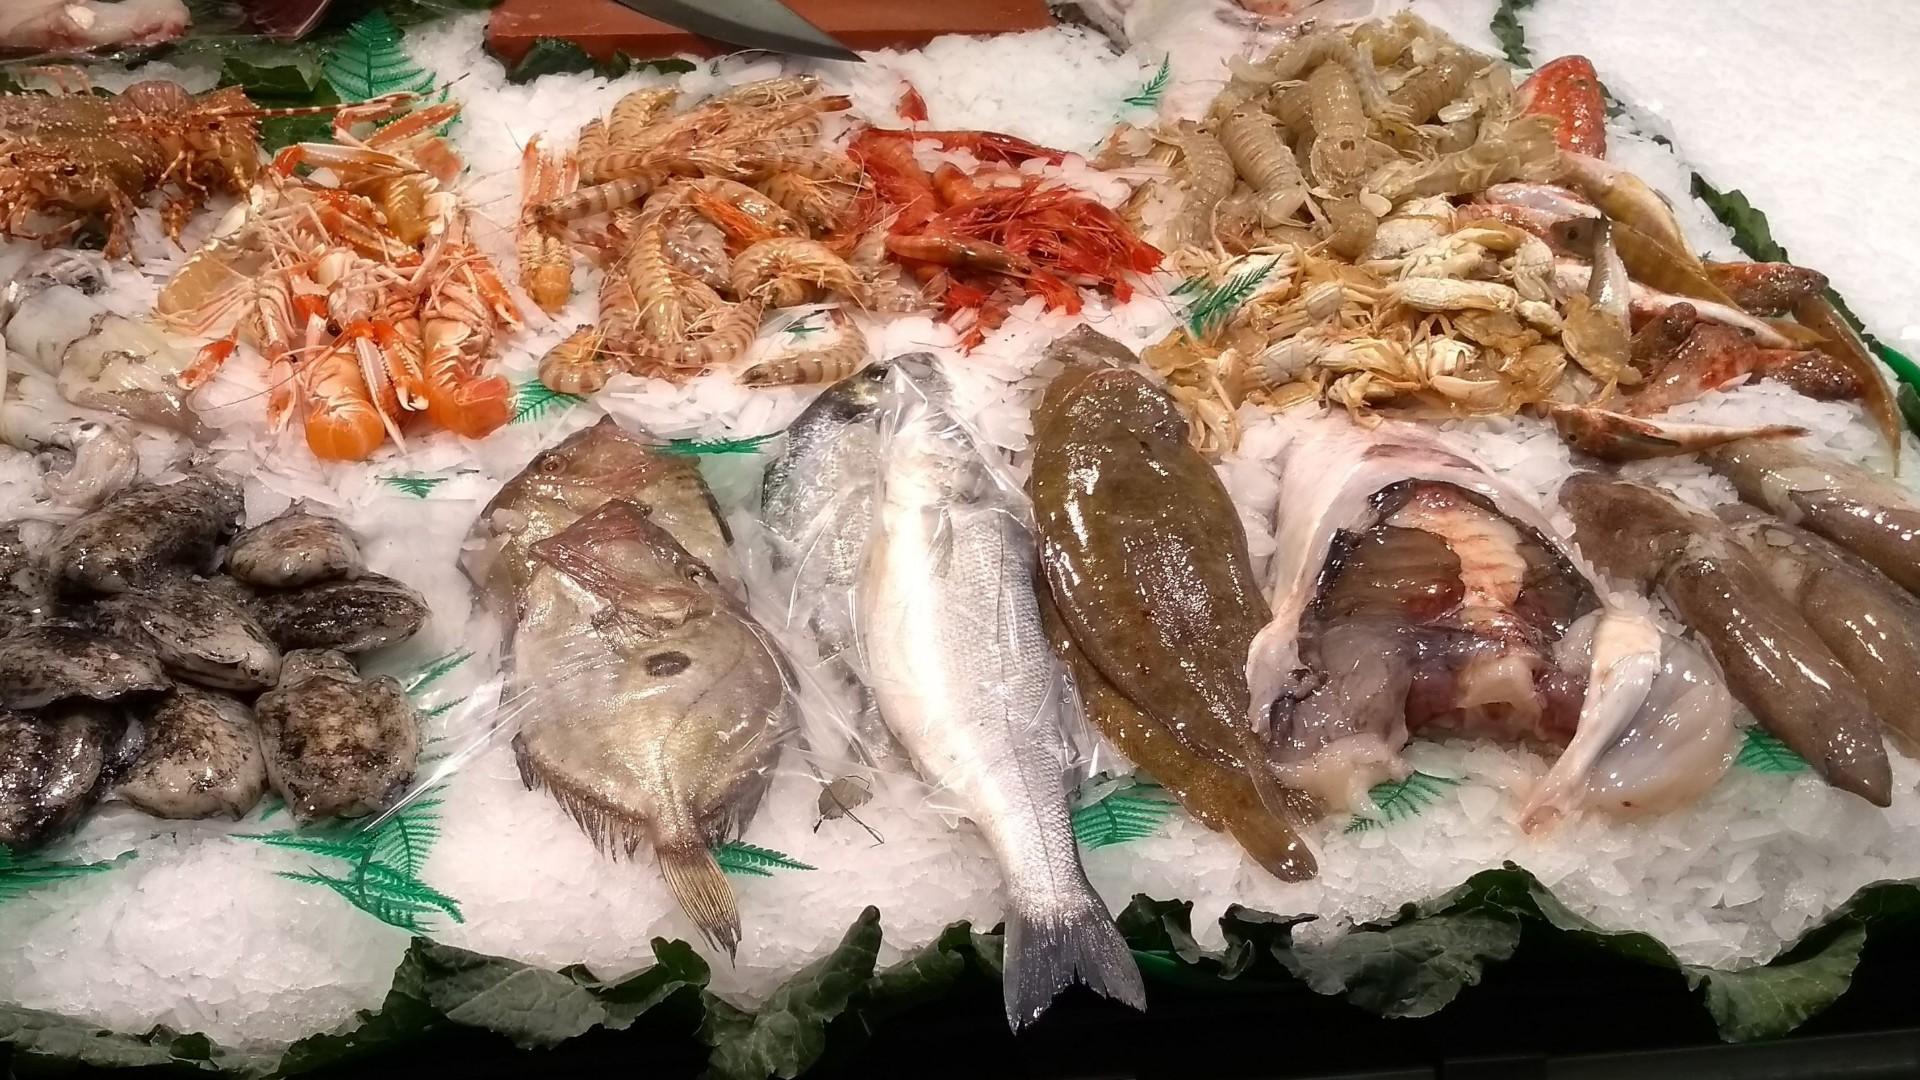 Pescado y marisco a domicilio en Eixample, Barcelona